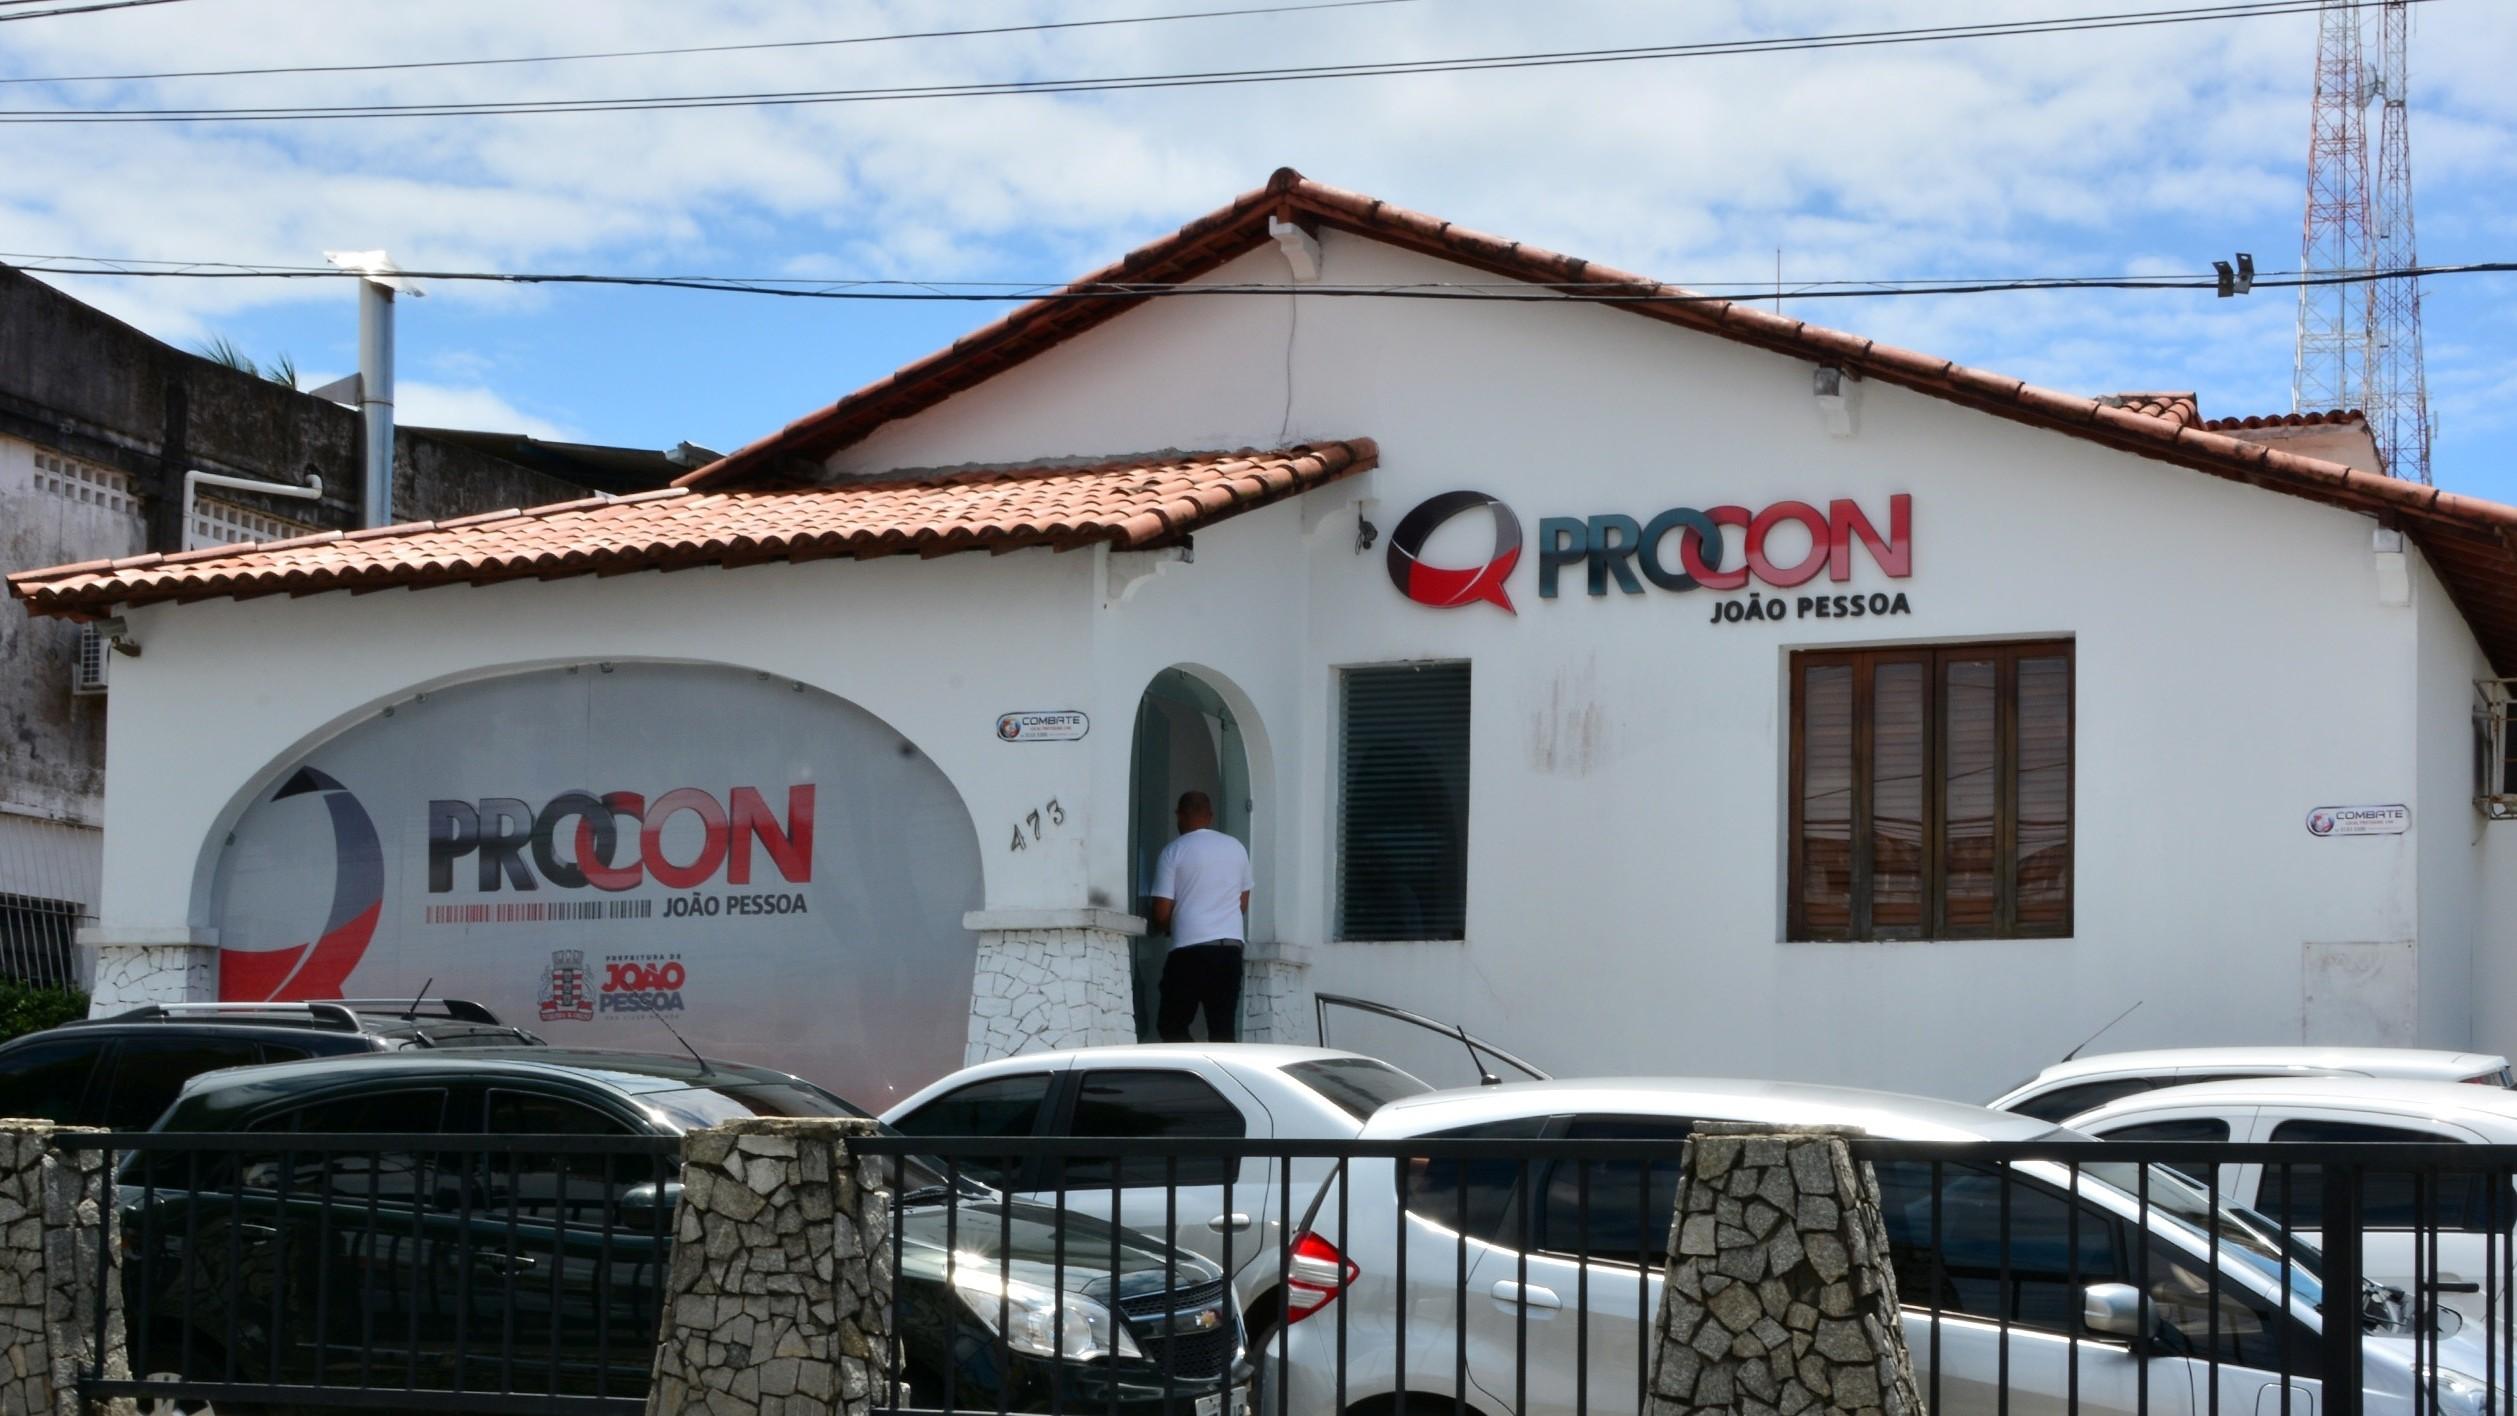 Procon inscreve para 20 vagas de estágio, em João Pessoa